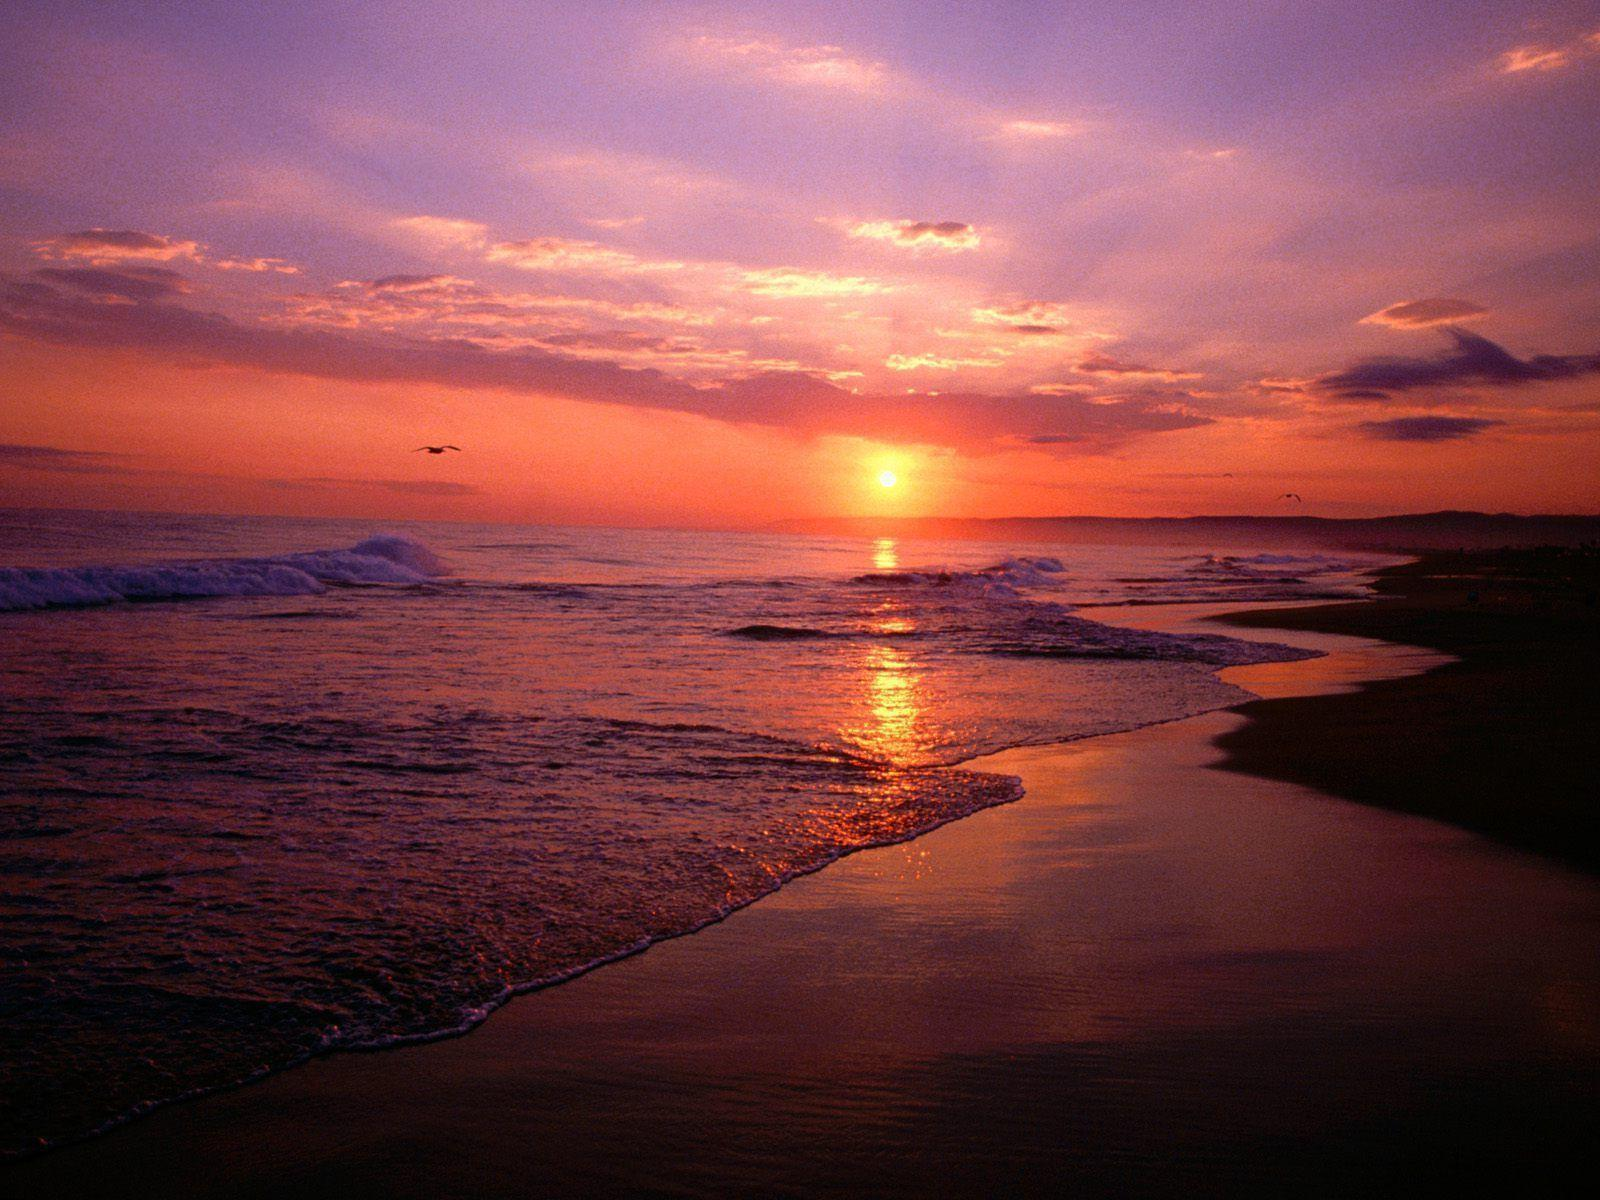 beach sunrise tumblr hd - photo #18